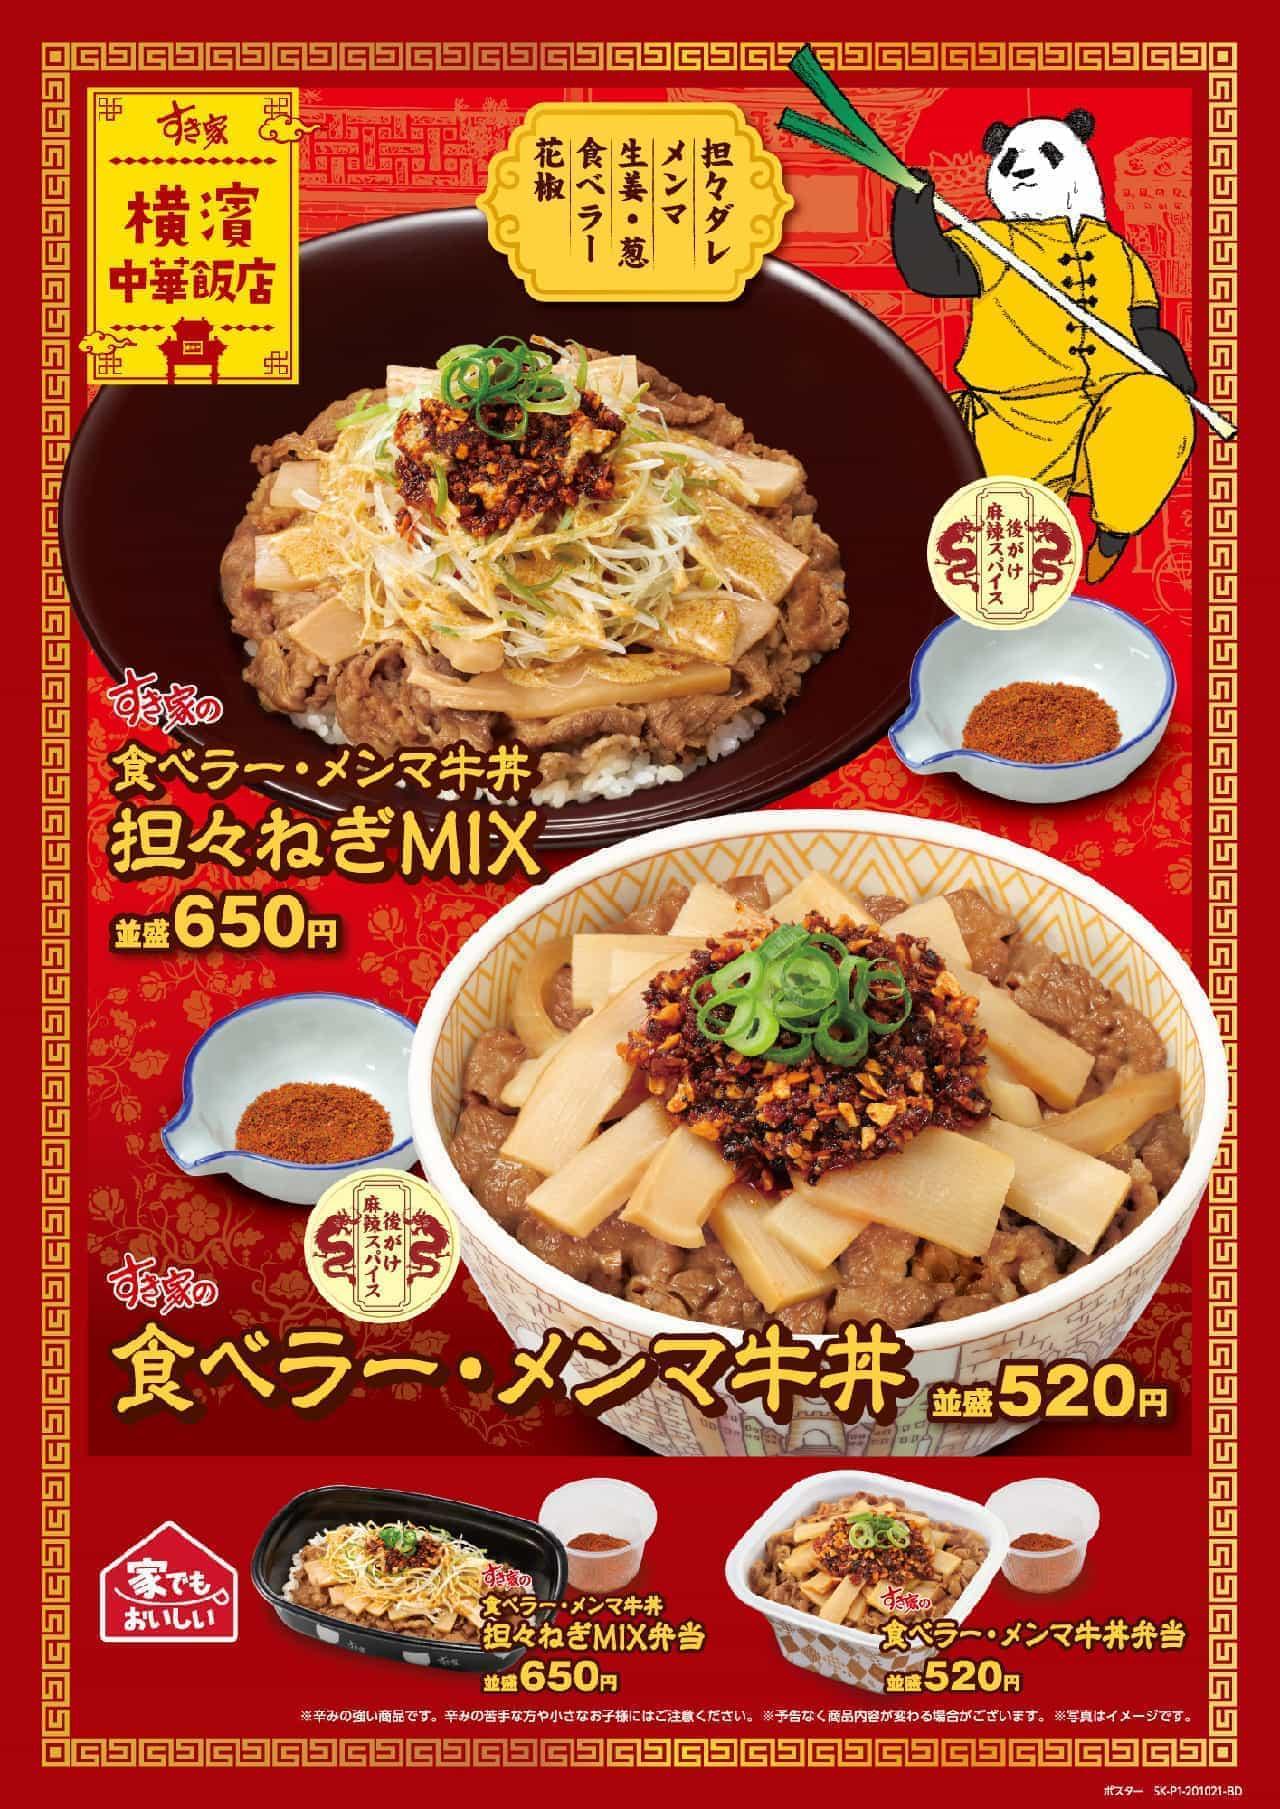 食べラー・メンマ牛丼すき家